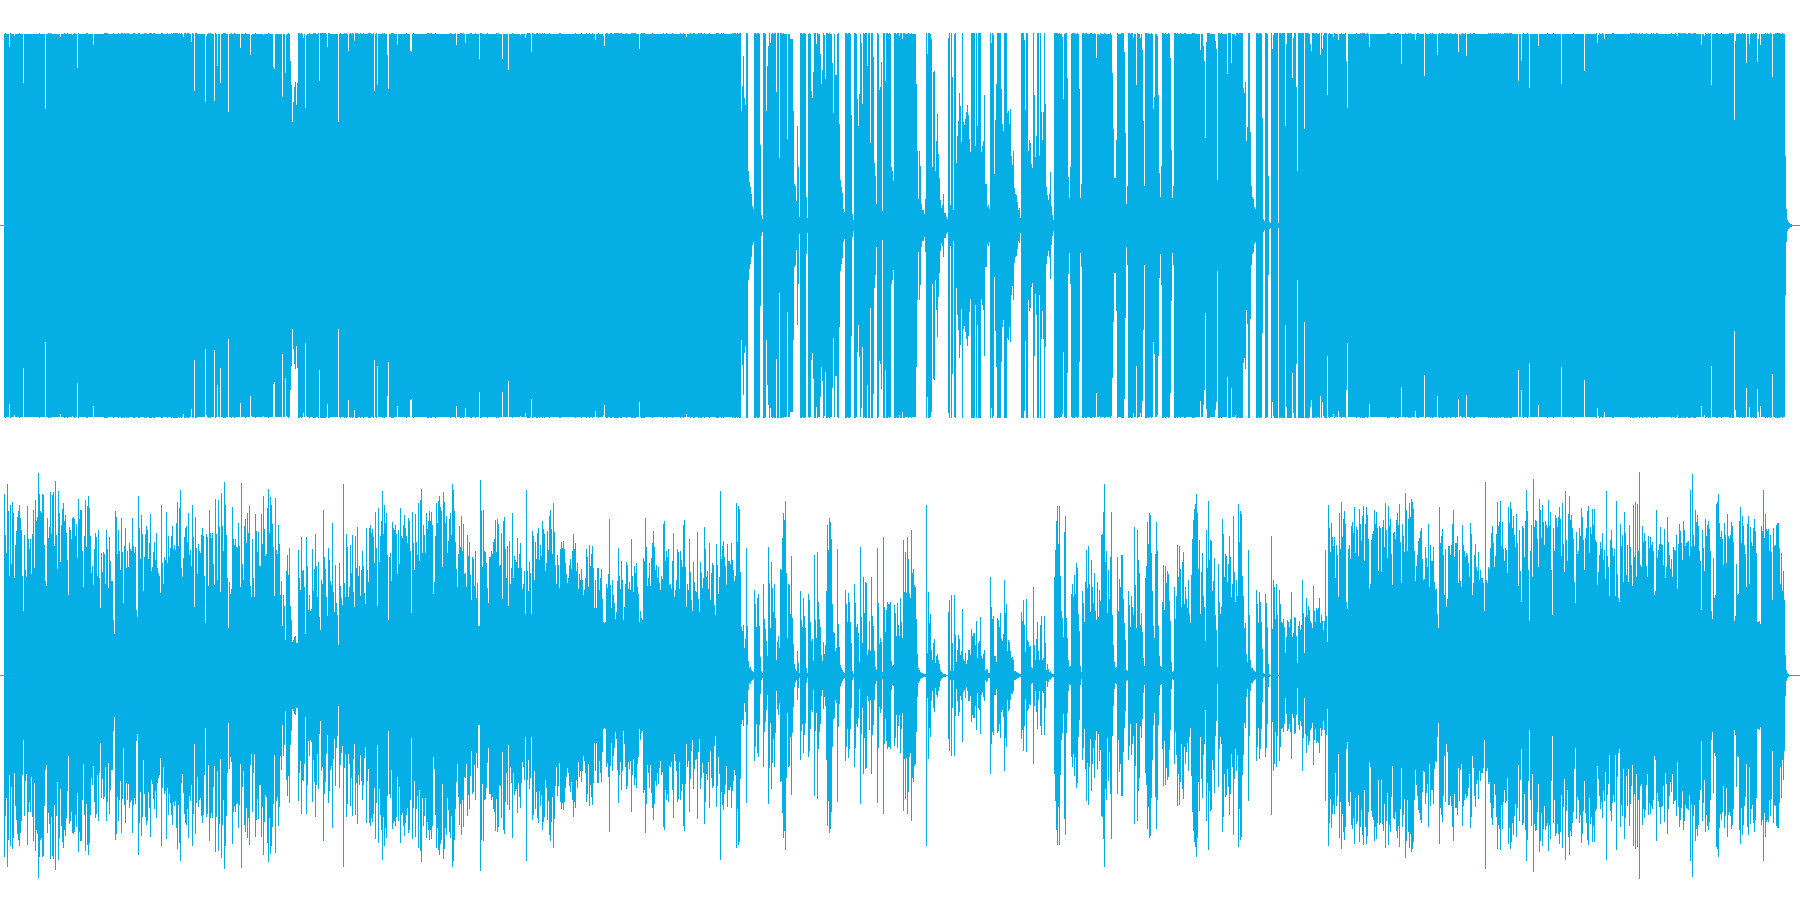 軽快なエレクトロハウスの再生済みの波形